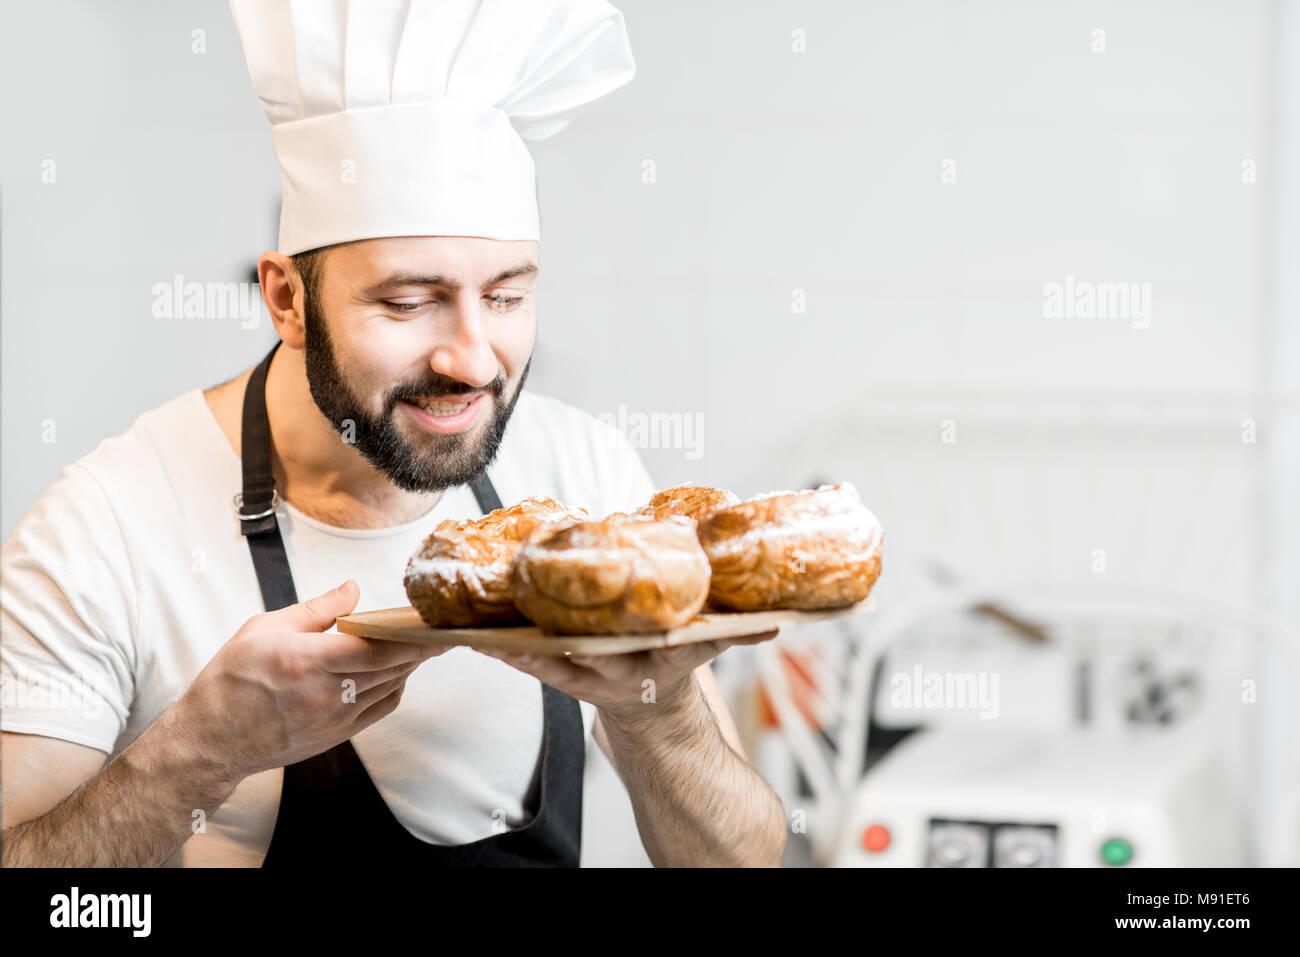 Pâtissier avec pâtisserie, à l'intérieur Photo Stock